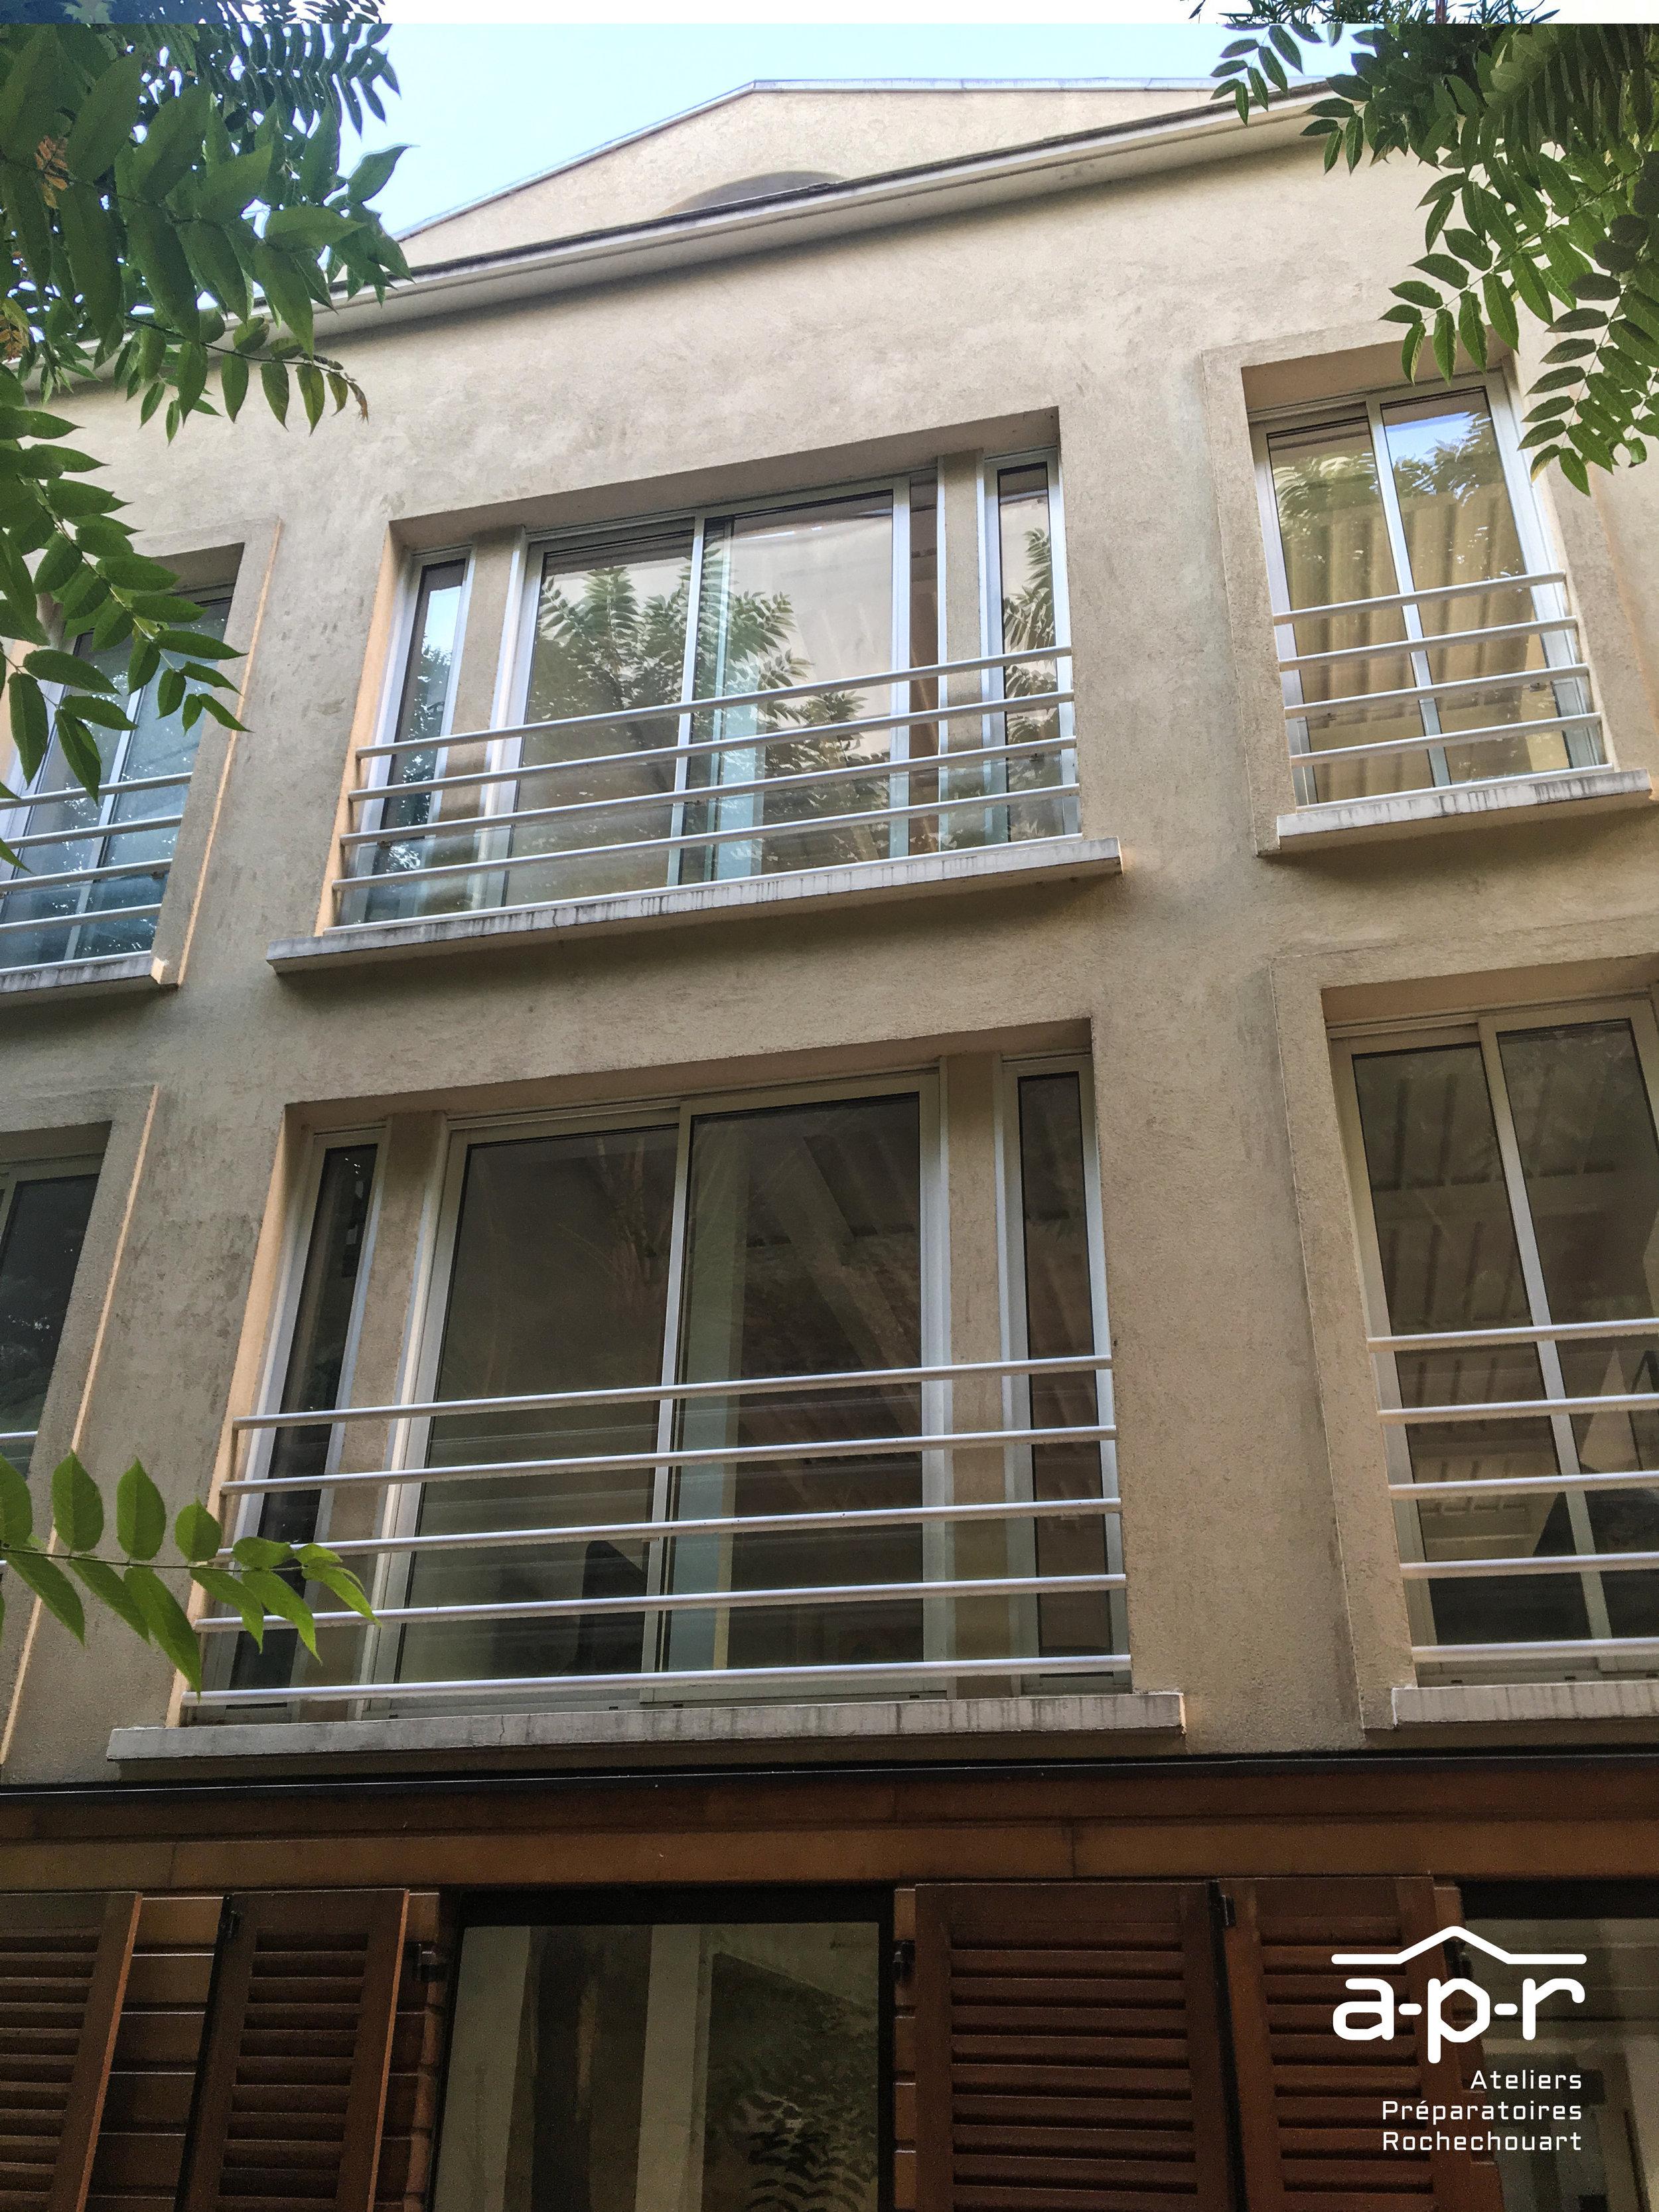 Ateliers-Préparatoires-Rochechouart-A.P.R.-Ecole-wedding-palnning-Paris-ecole-Paris-Formation-opca-micro-entreprise-metiers-mariage-evenementiel-2.jpg